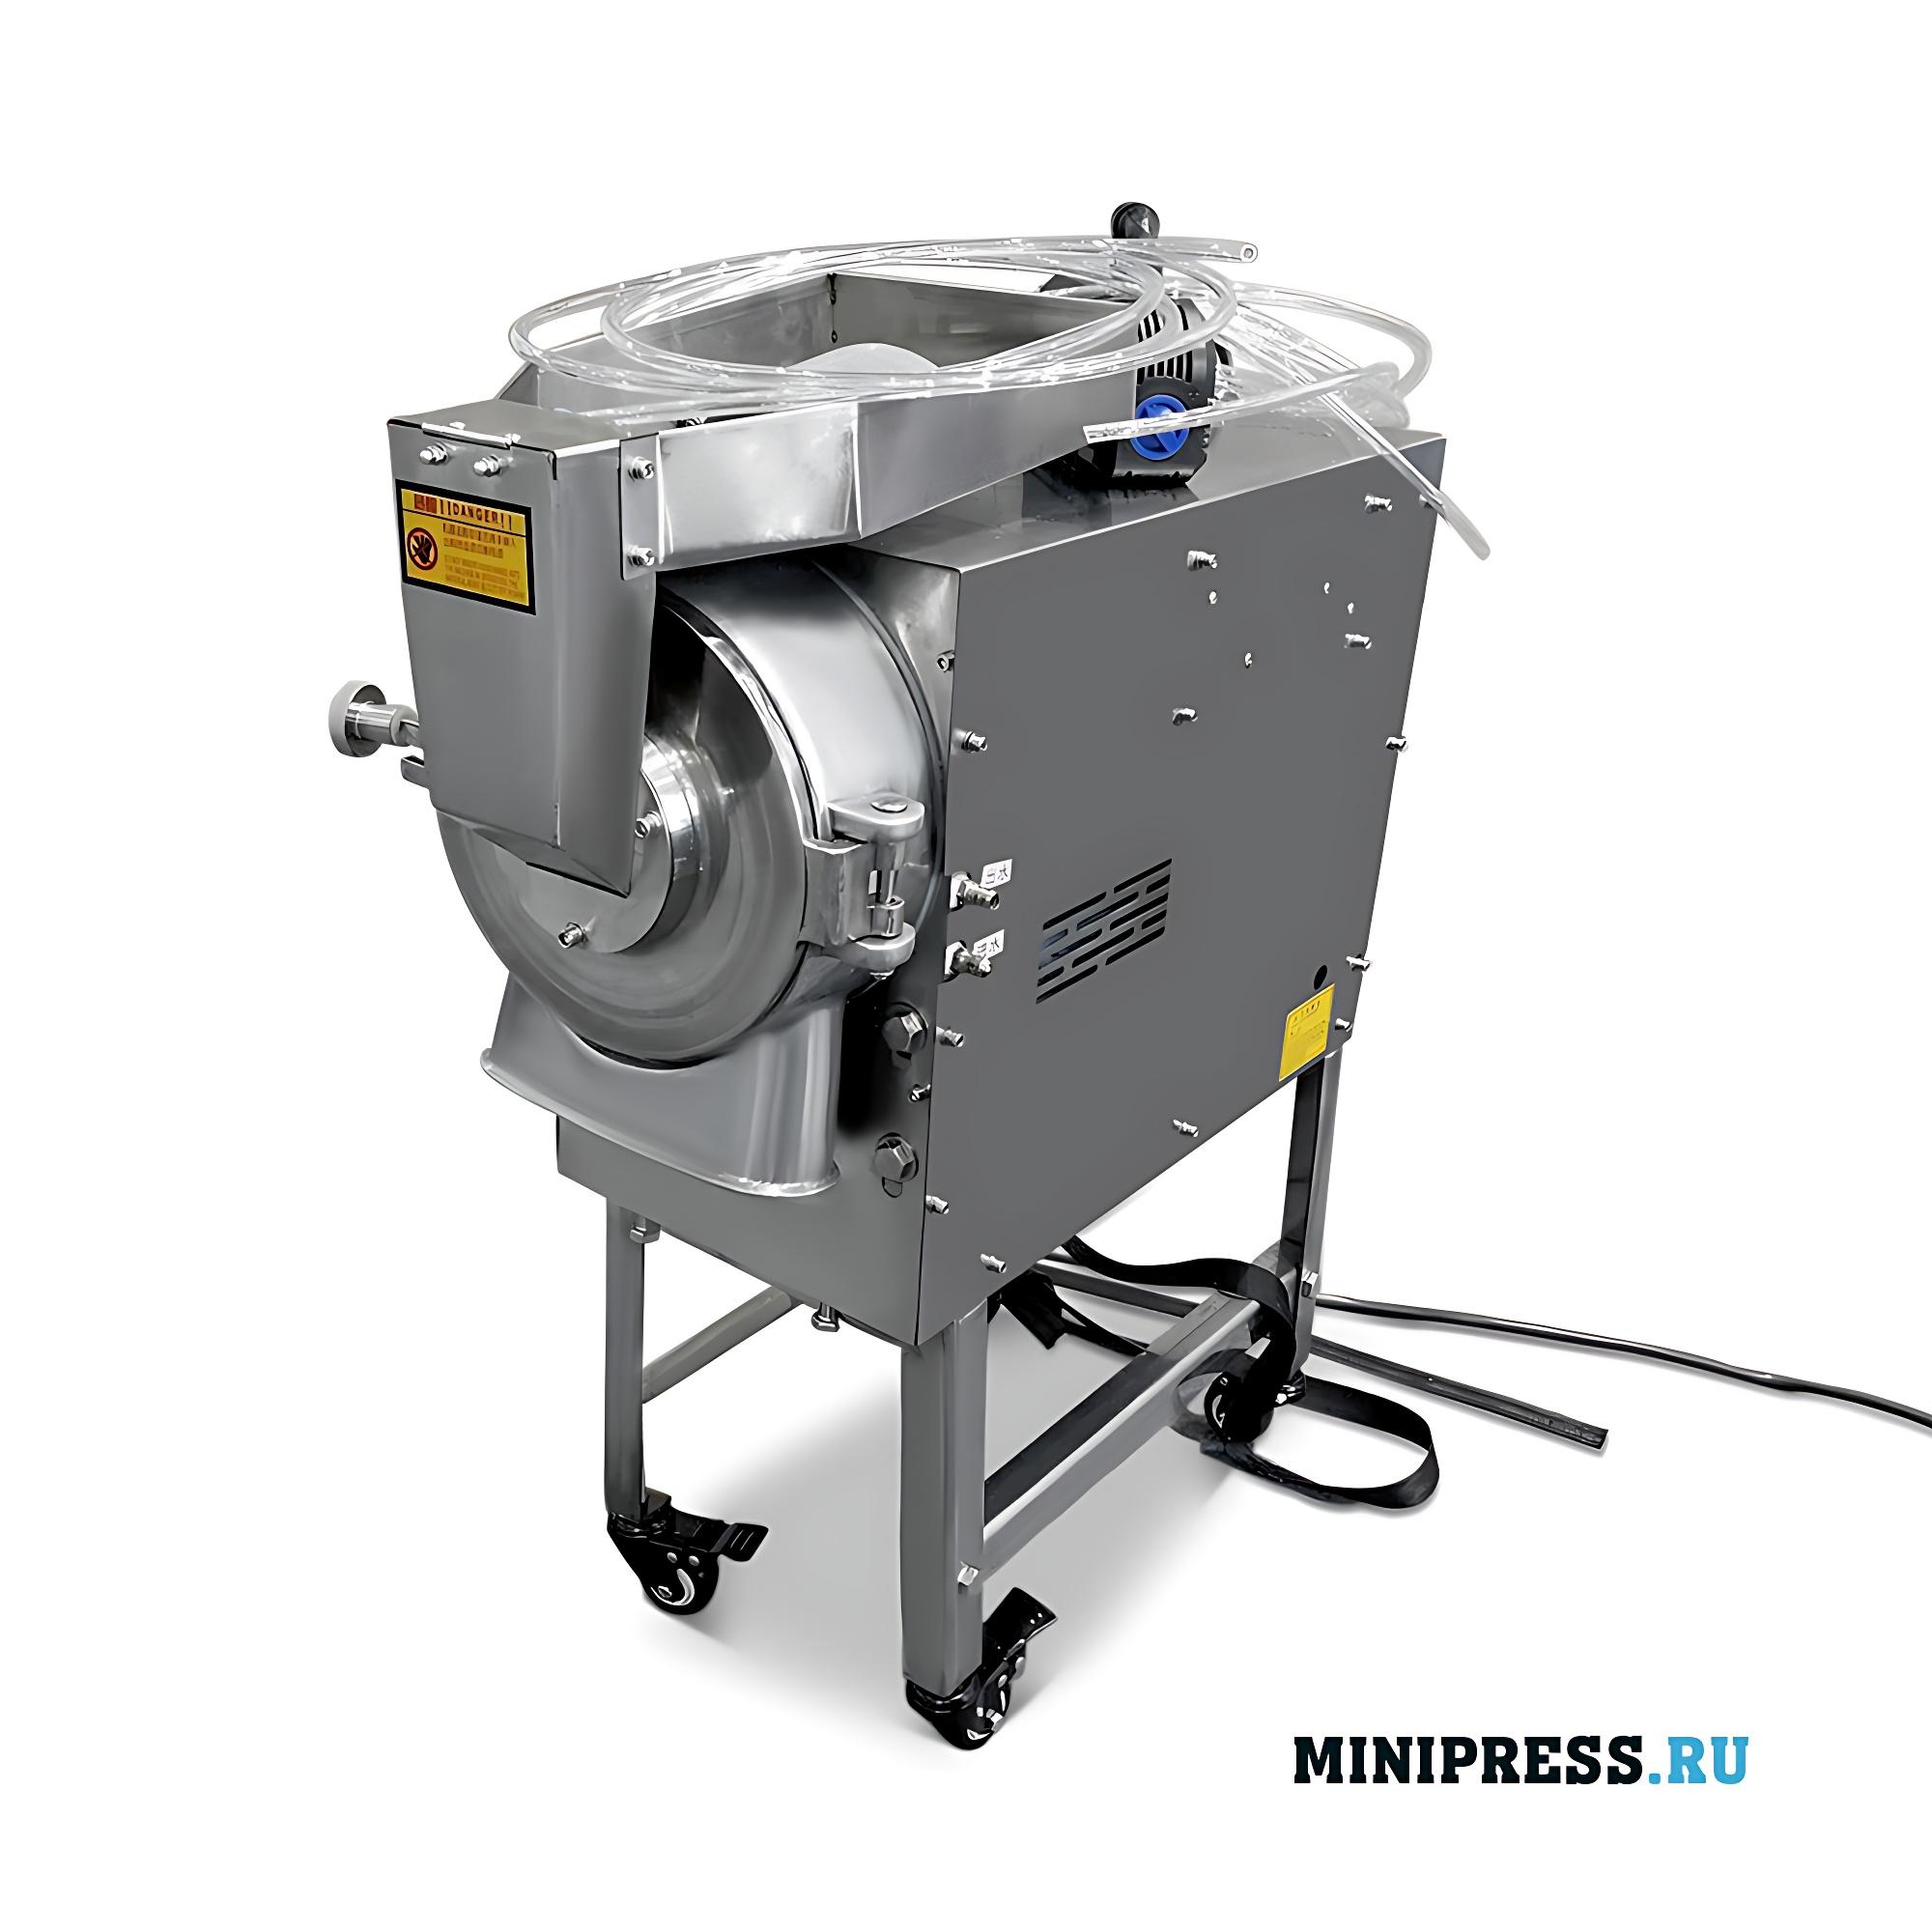 Автоматическое оборудование для розлива жидкостей в пластиковые упаковки